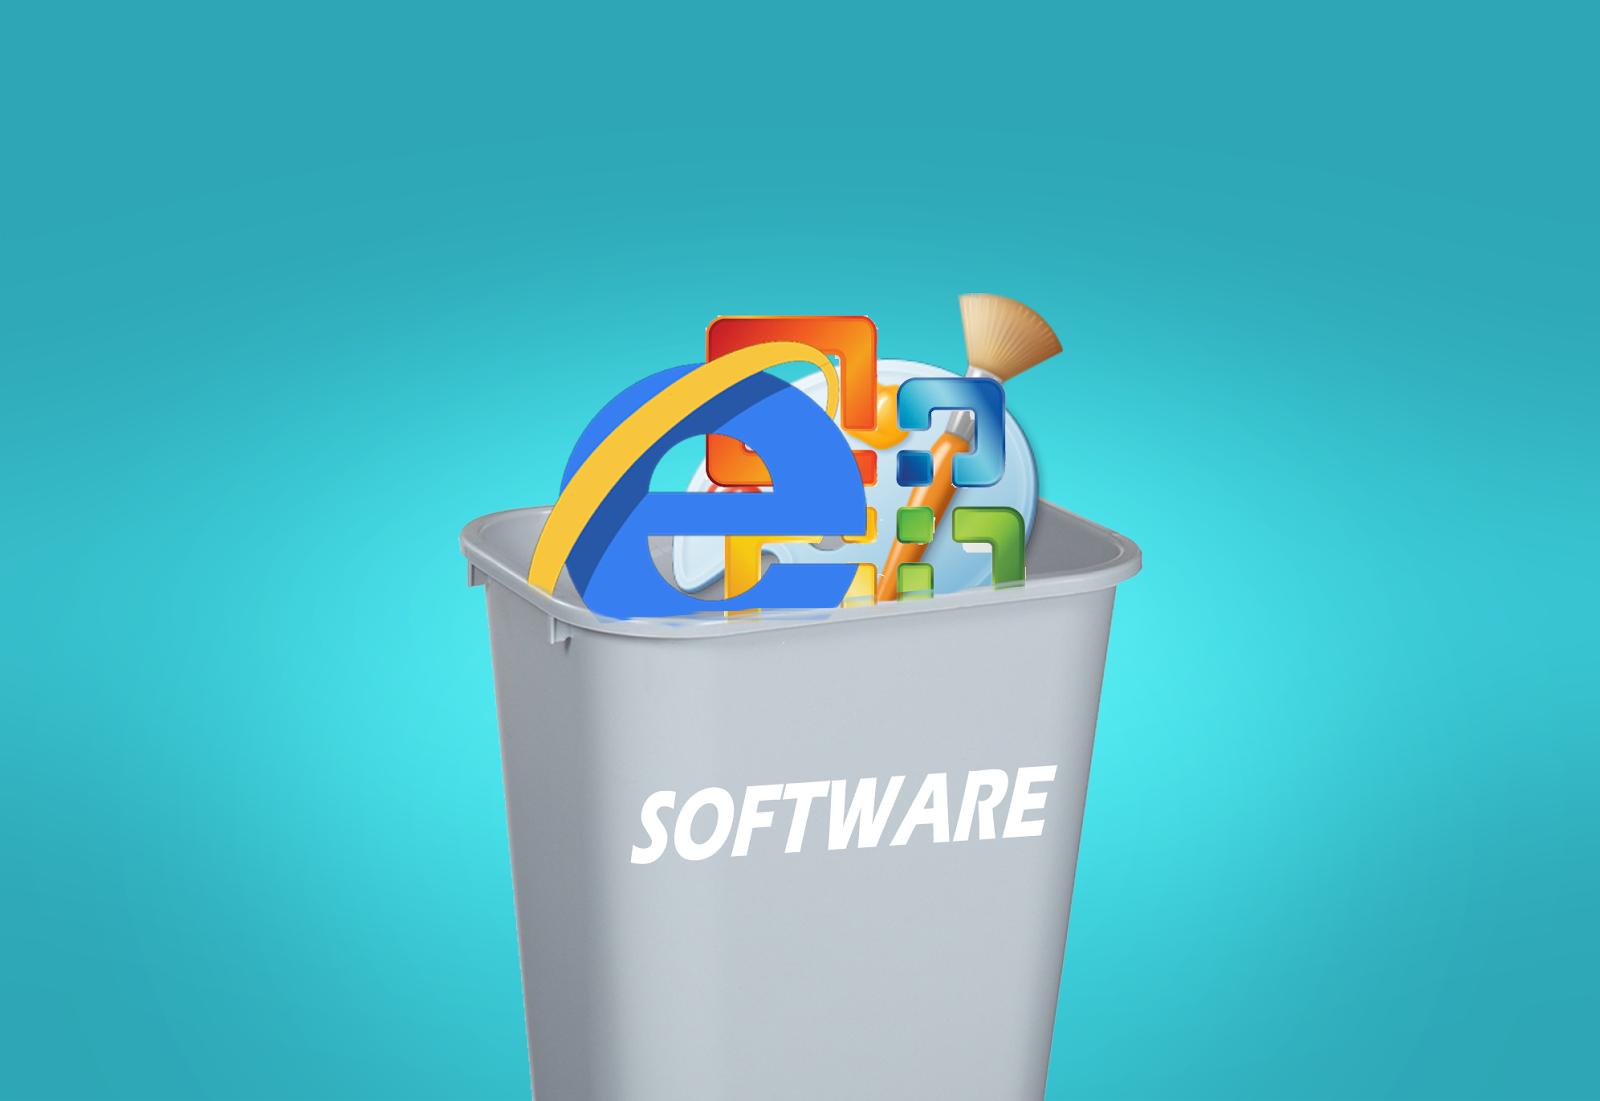 bin, software, tempat sampah